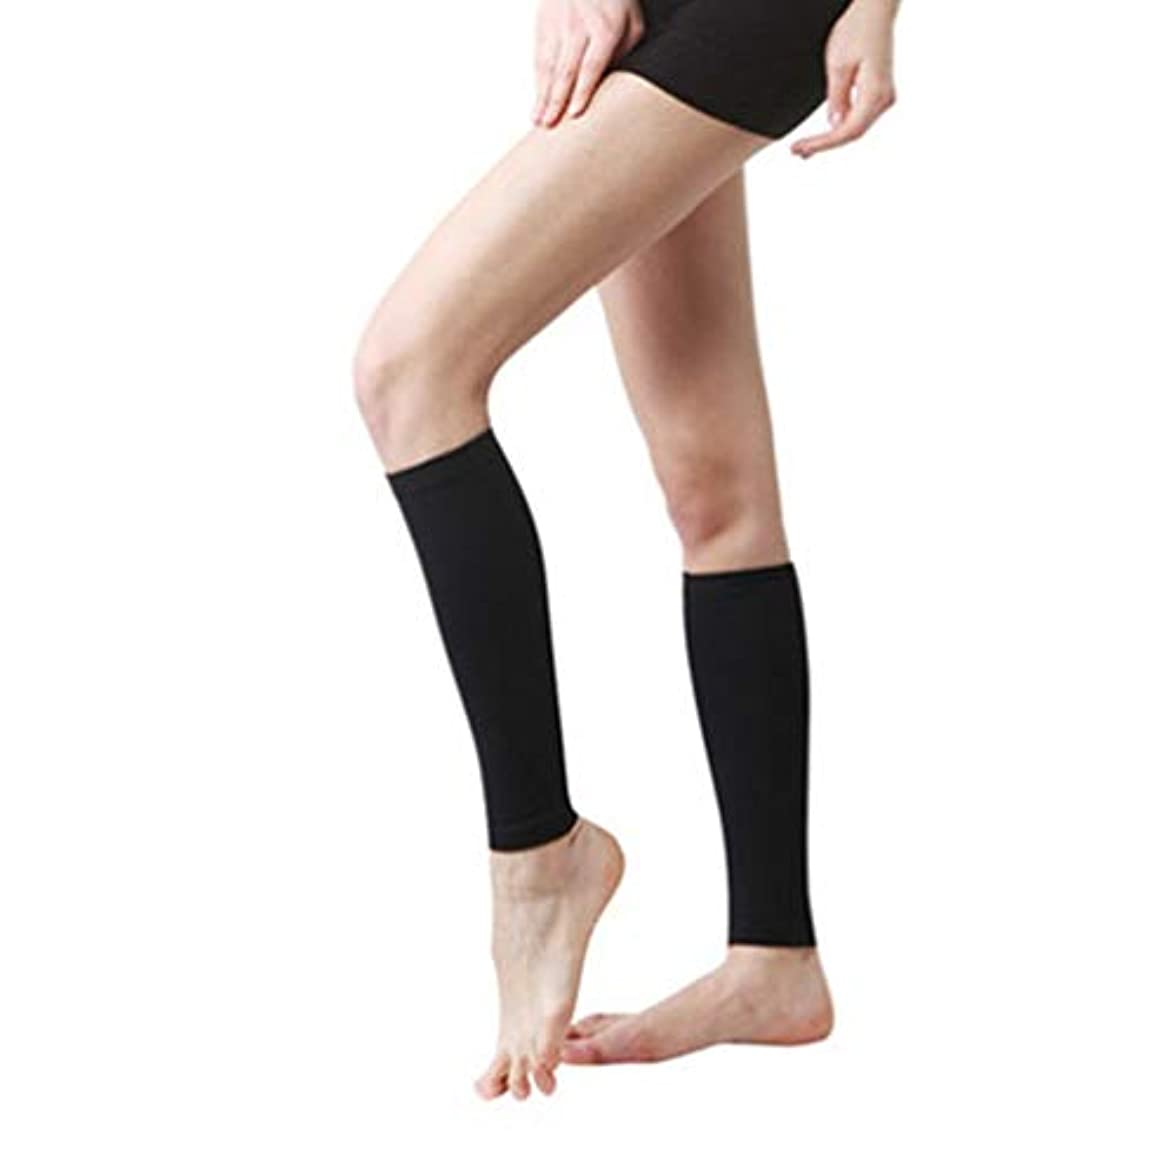 軍団アラブ熱心丈夫な男性女性プロの圧縮靴下通気性のある旅行活動看護師用シンススプリントフライトトラベル - ブラック